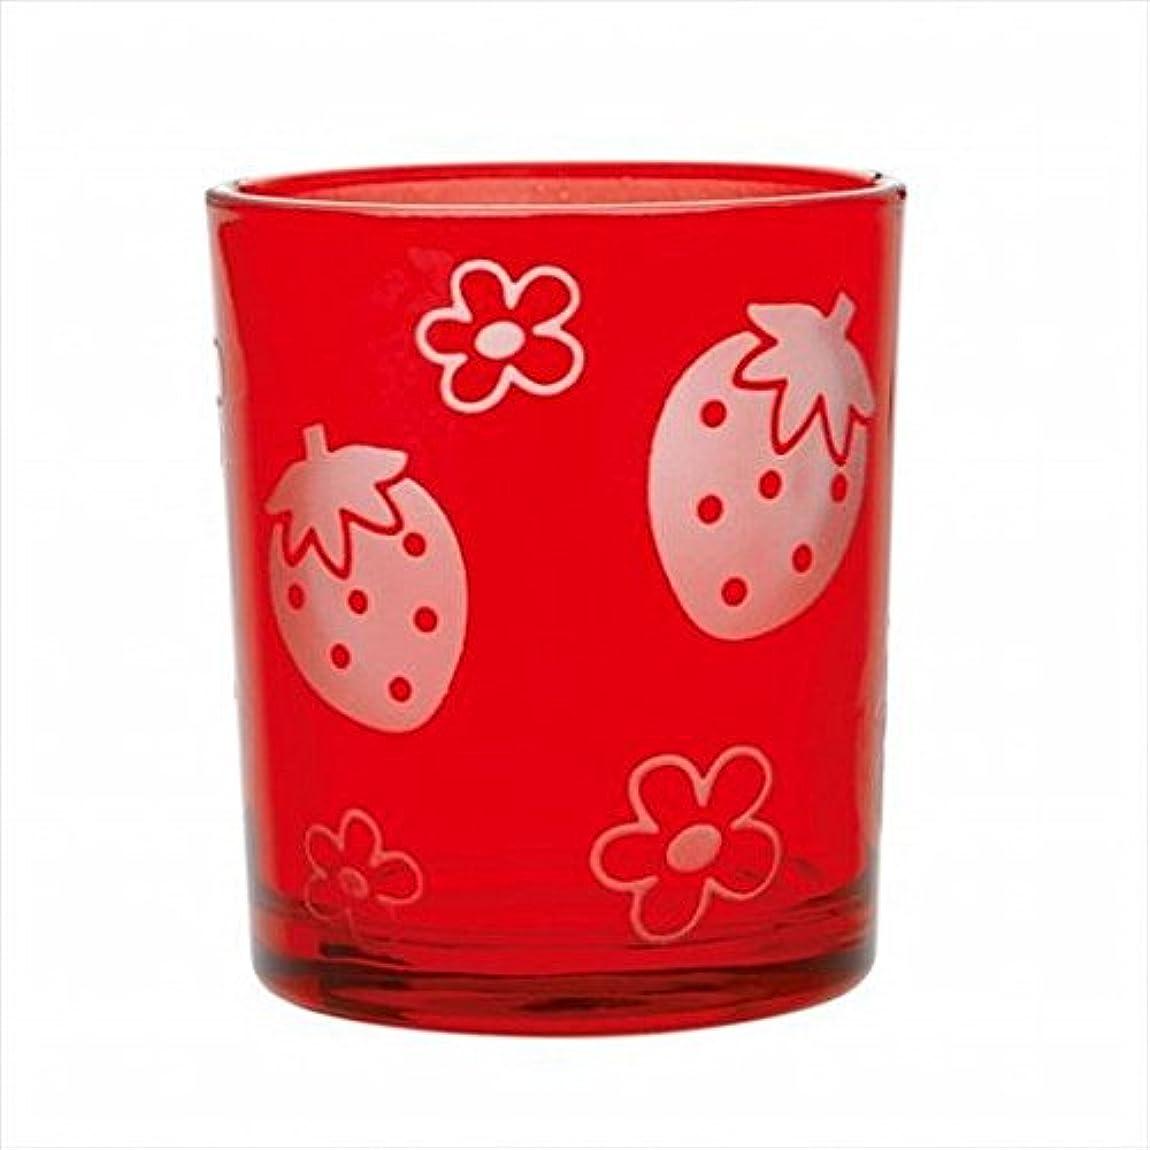 ネブ宣言二sweets candle(スイーツキャンドル) いちごフロストカップ 「 レッド 」 キャンドル 55x55x65mm (J1490040R)